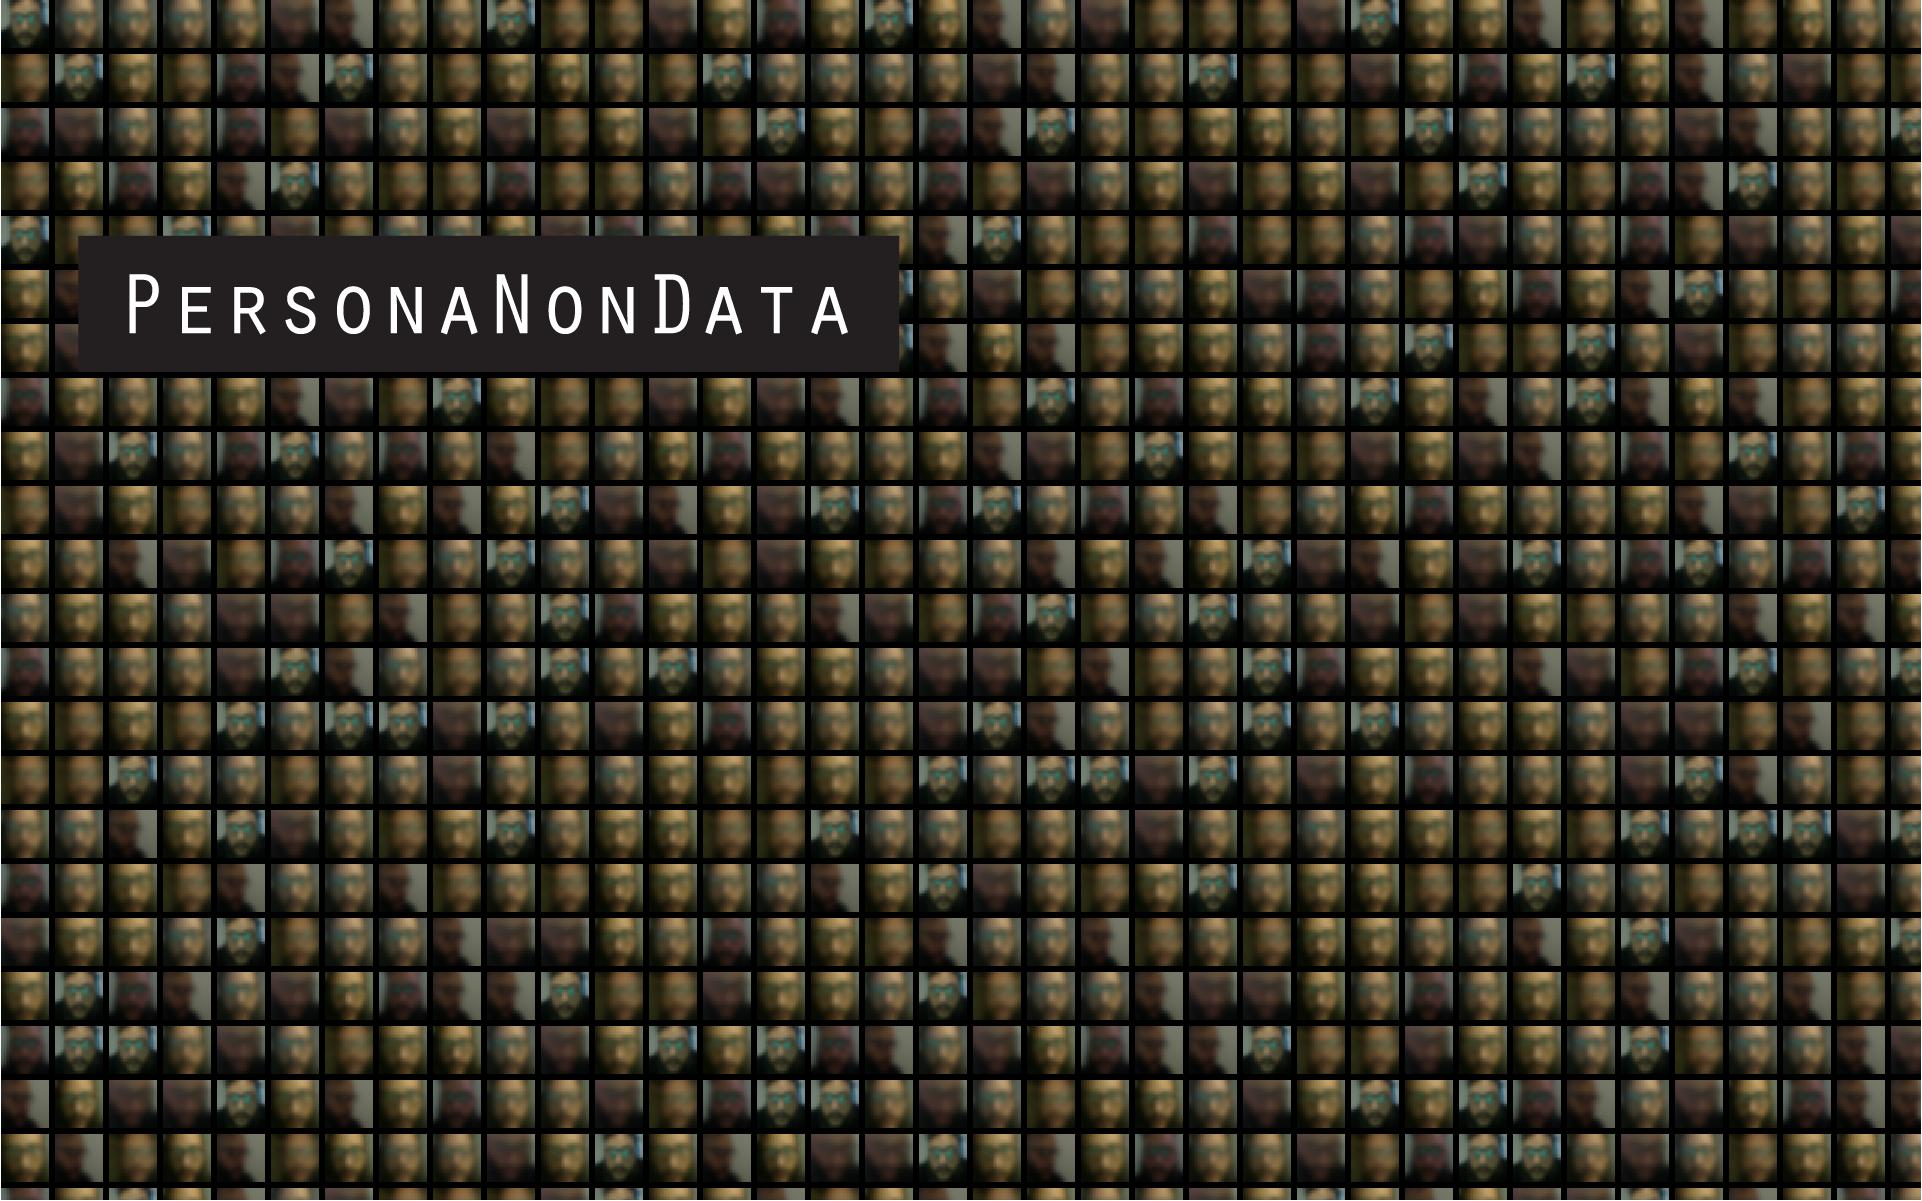 Persona Non Data, faces